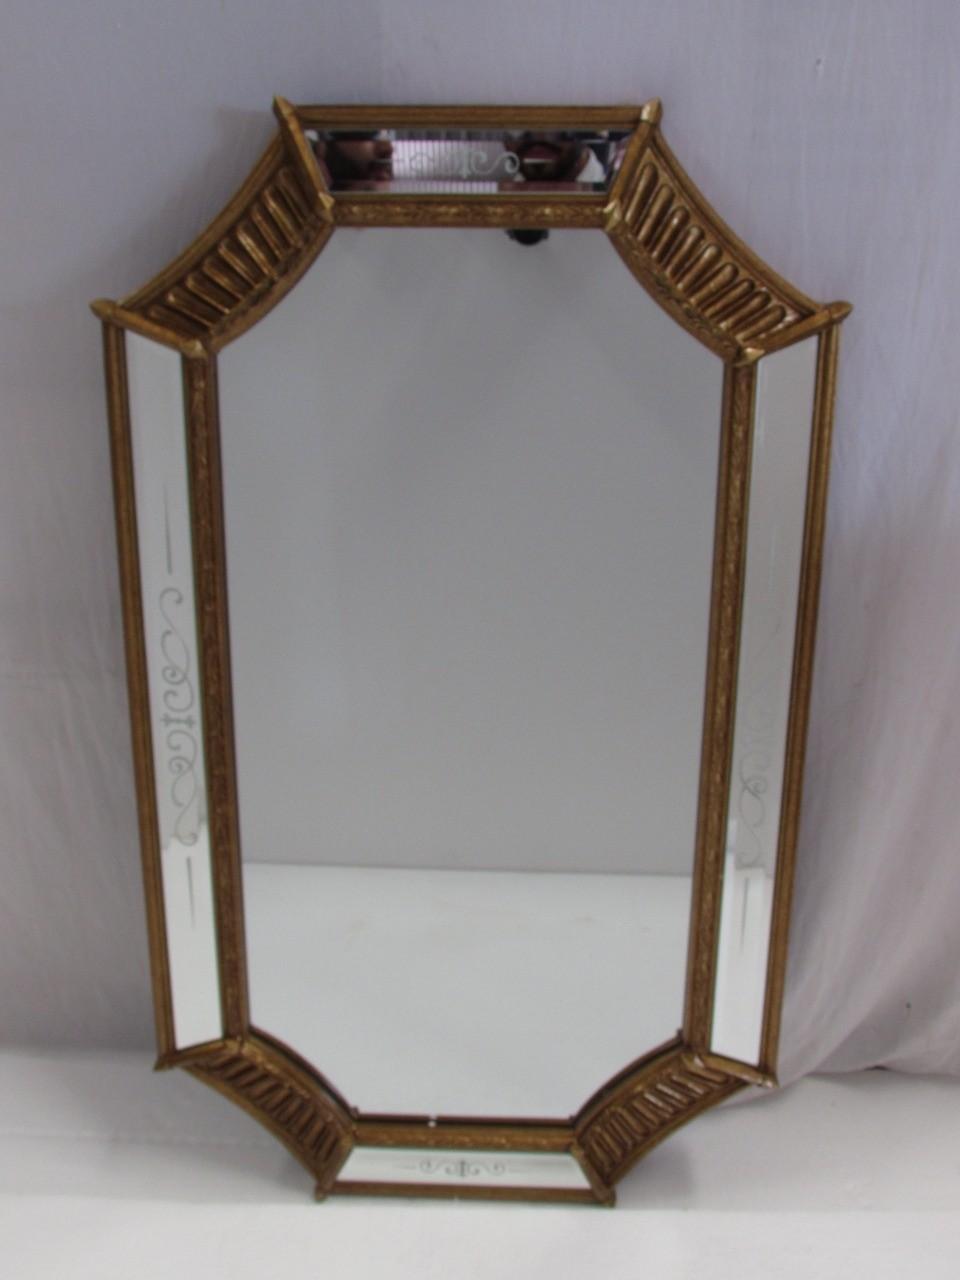 Espelho Octógono Detalhe de Dourado - Frontier